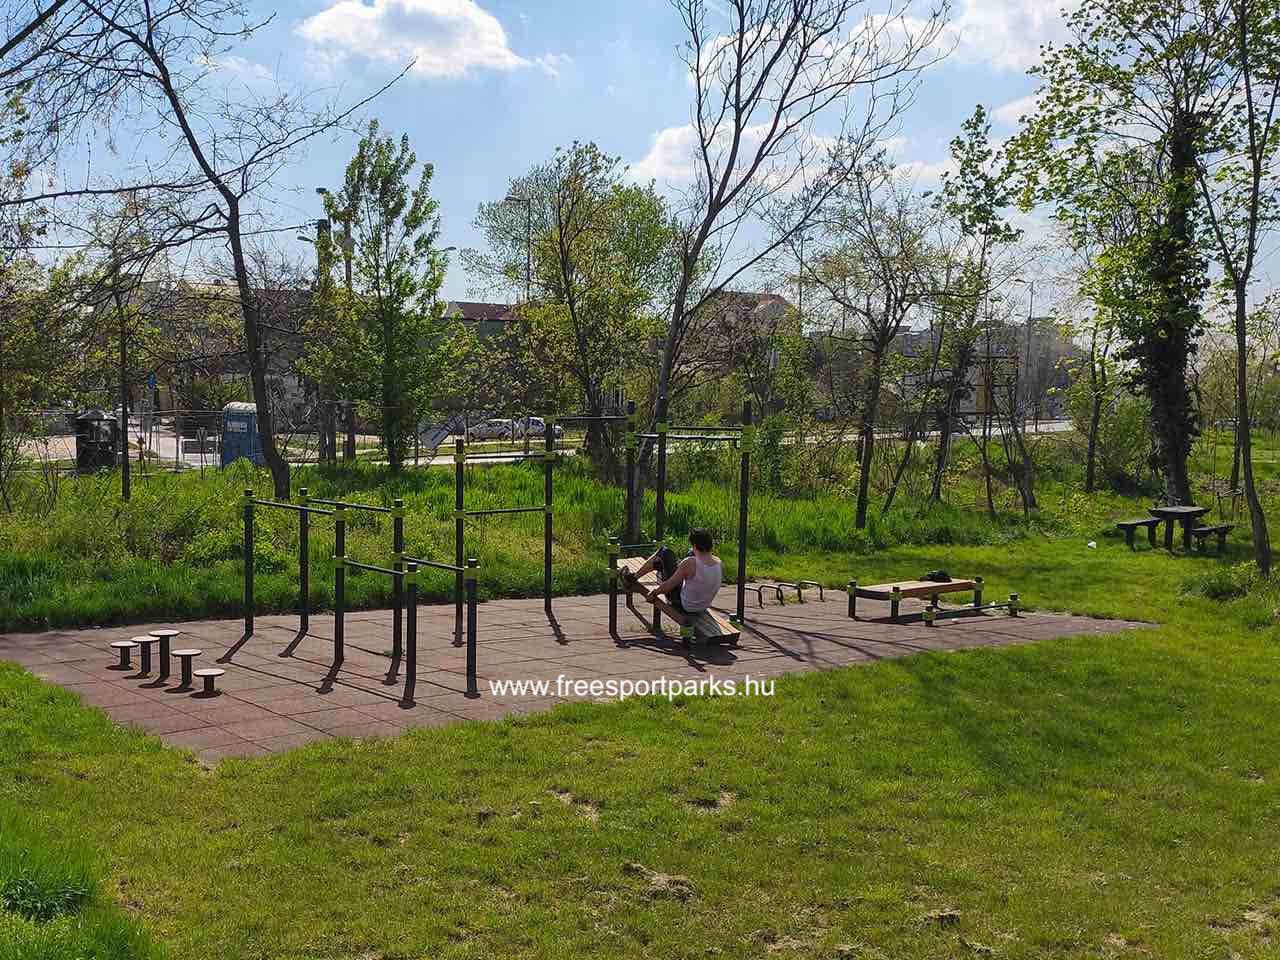 Kúttói parkerdő kondipark (Street Workout Park) - Free Sport Parks térkép